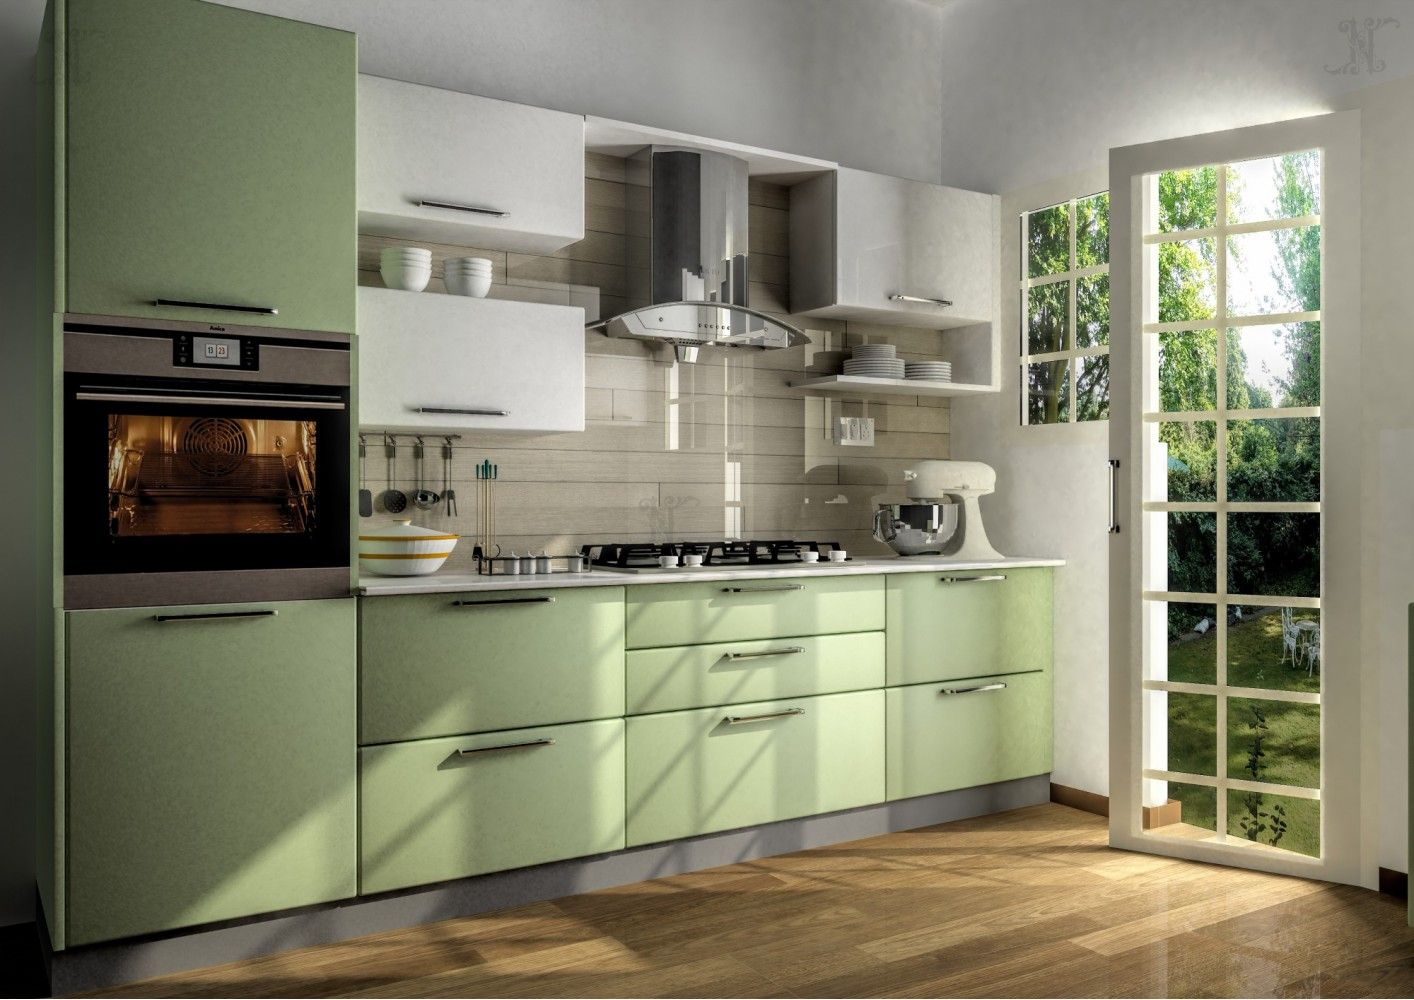 Parallel Kitchen Interior Design Ideas